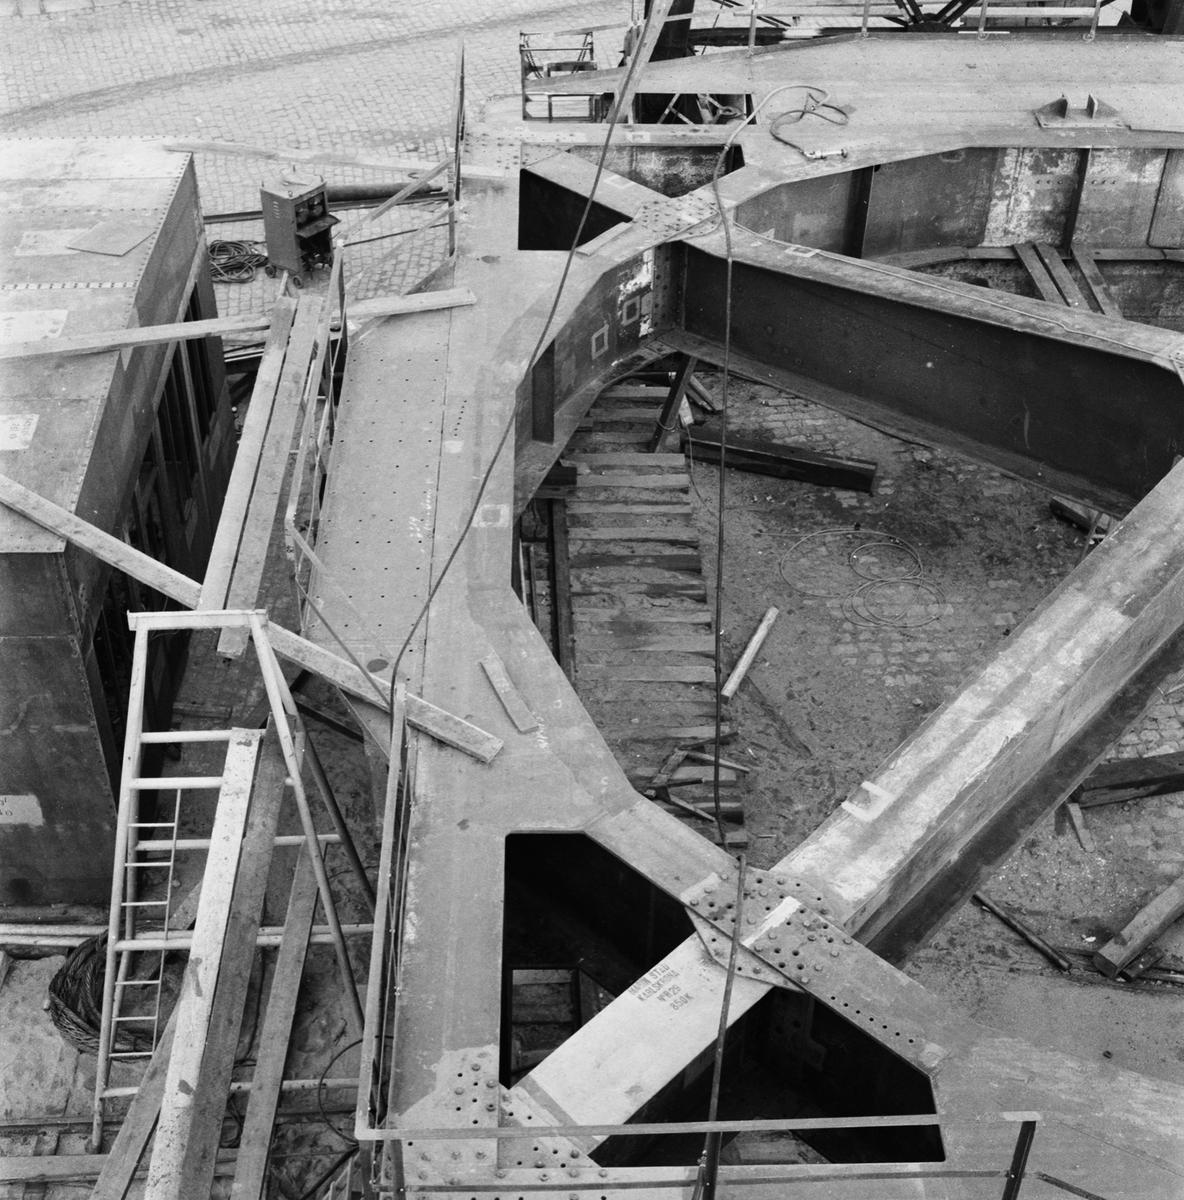 Övrigt: Fotodatum:4/11 1959 Byggnader och Kranar. Nya 100-tonskranen montering